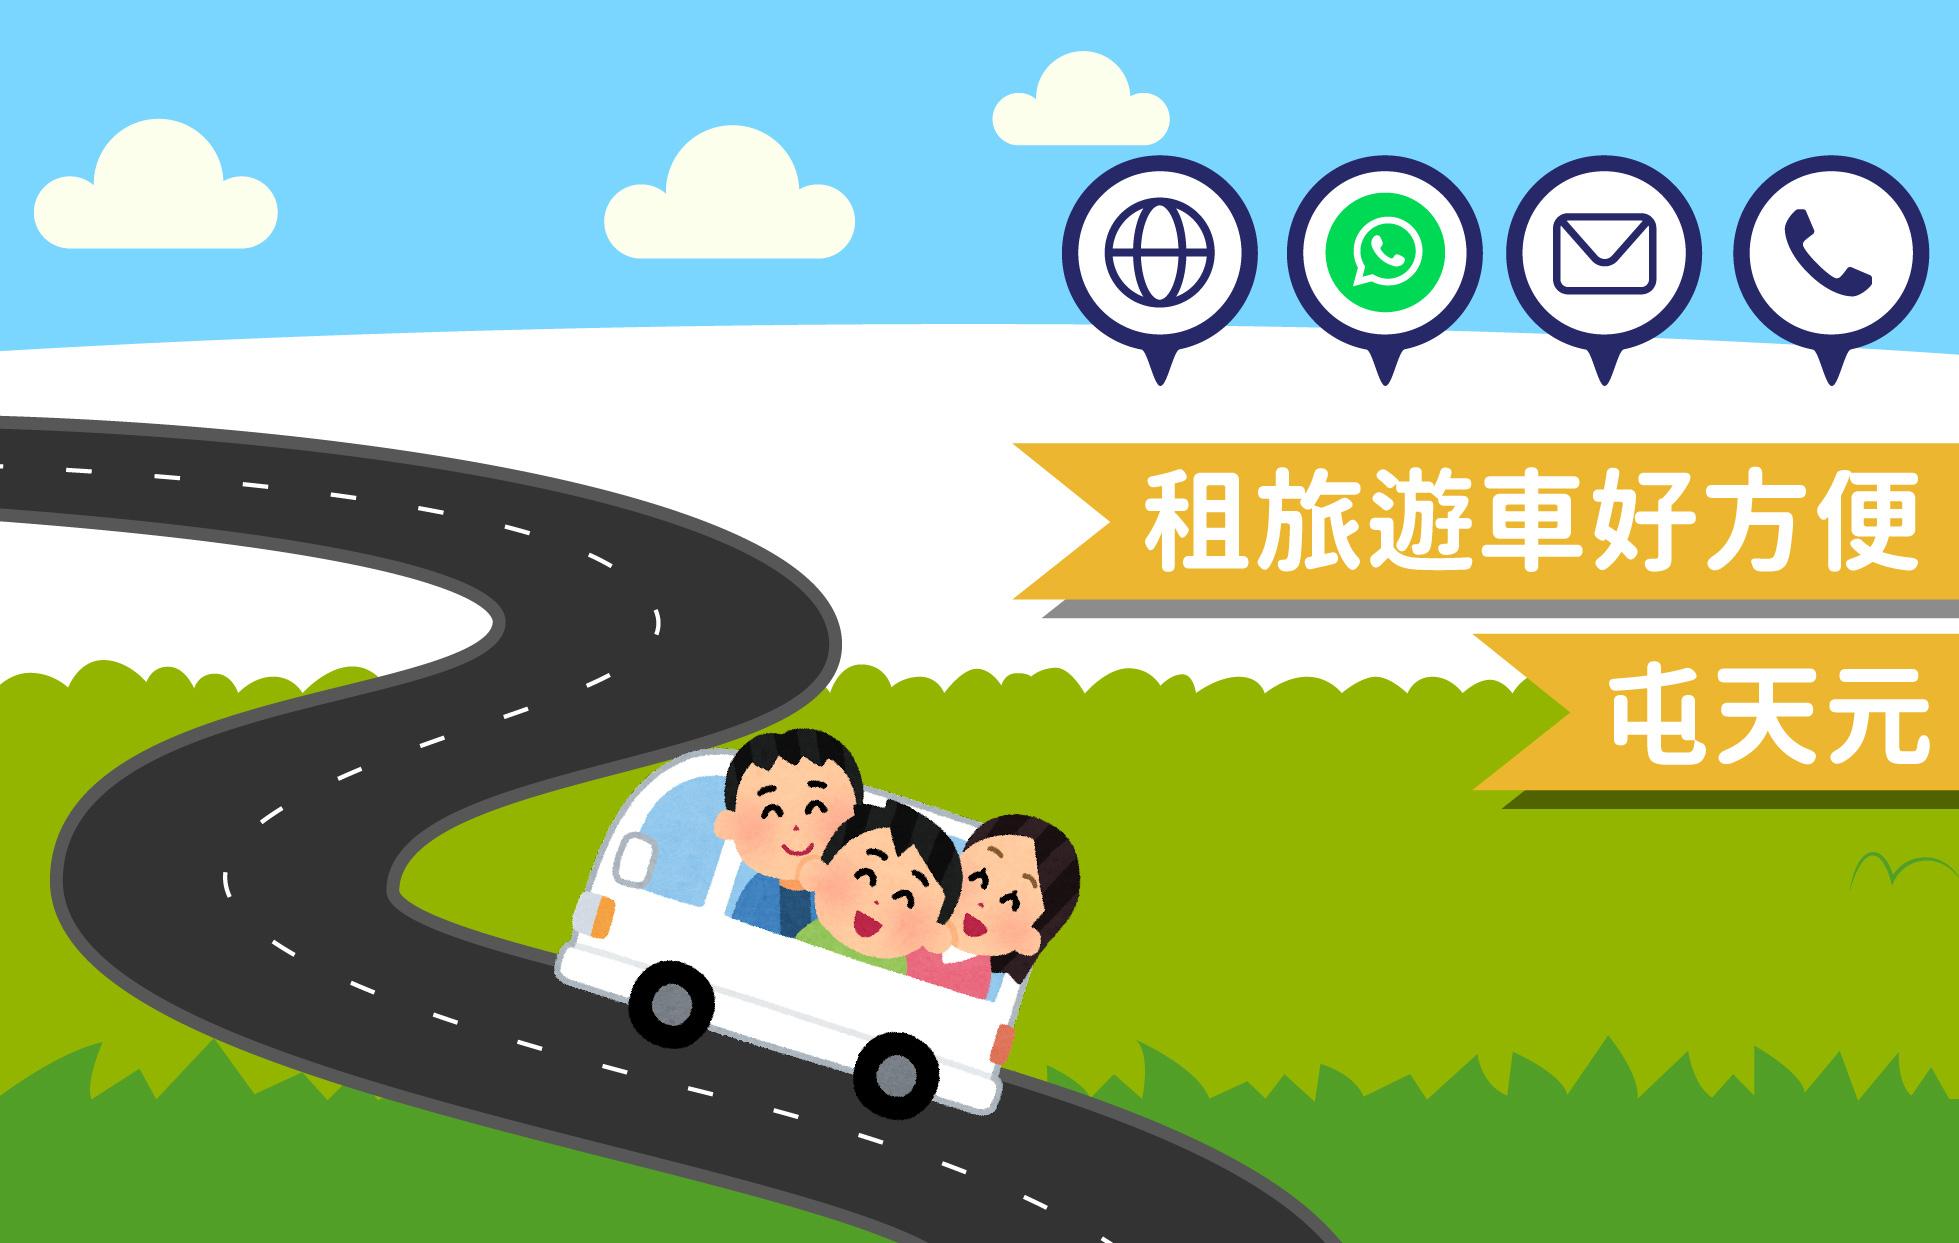 租用旅遊巴體驗香港本地遊建立暑假親子遊放電,可以租用旅遊巴有不同好去處,可以租旅遊巴接送